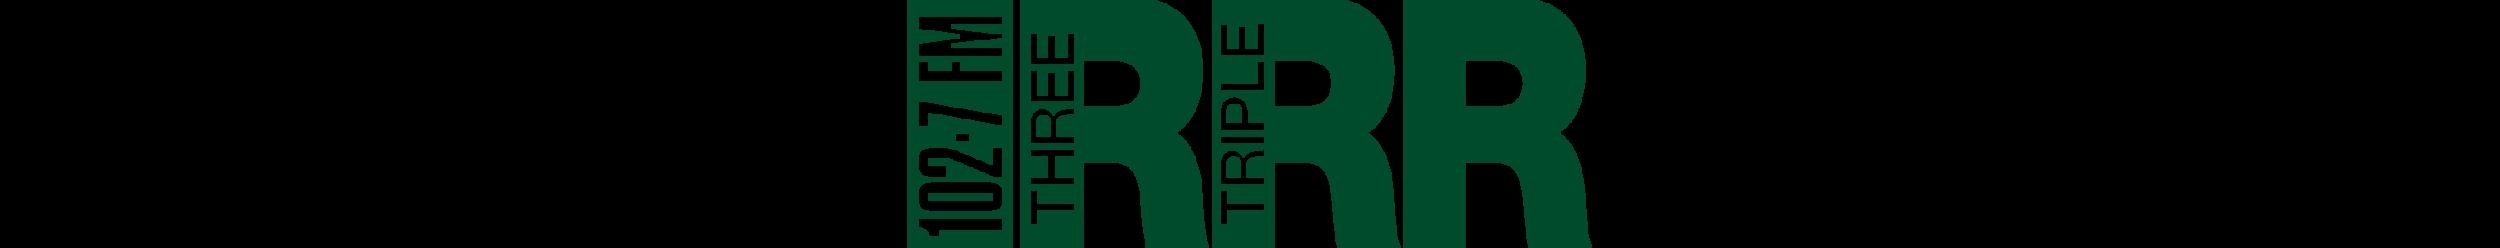 RRR-01.png